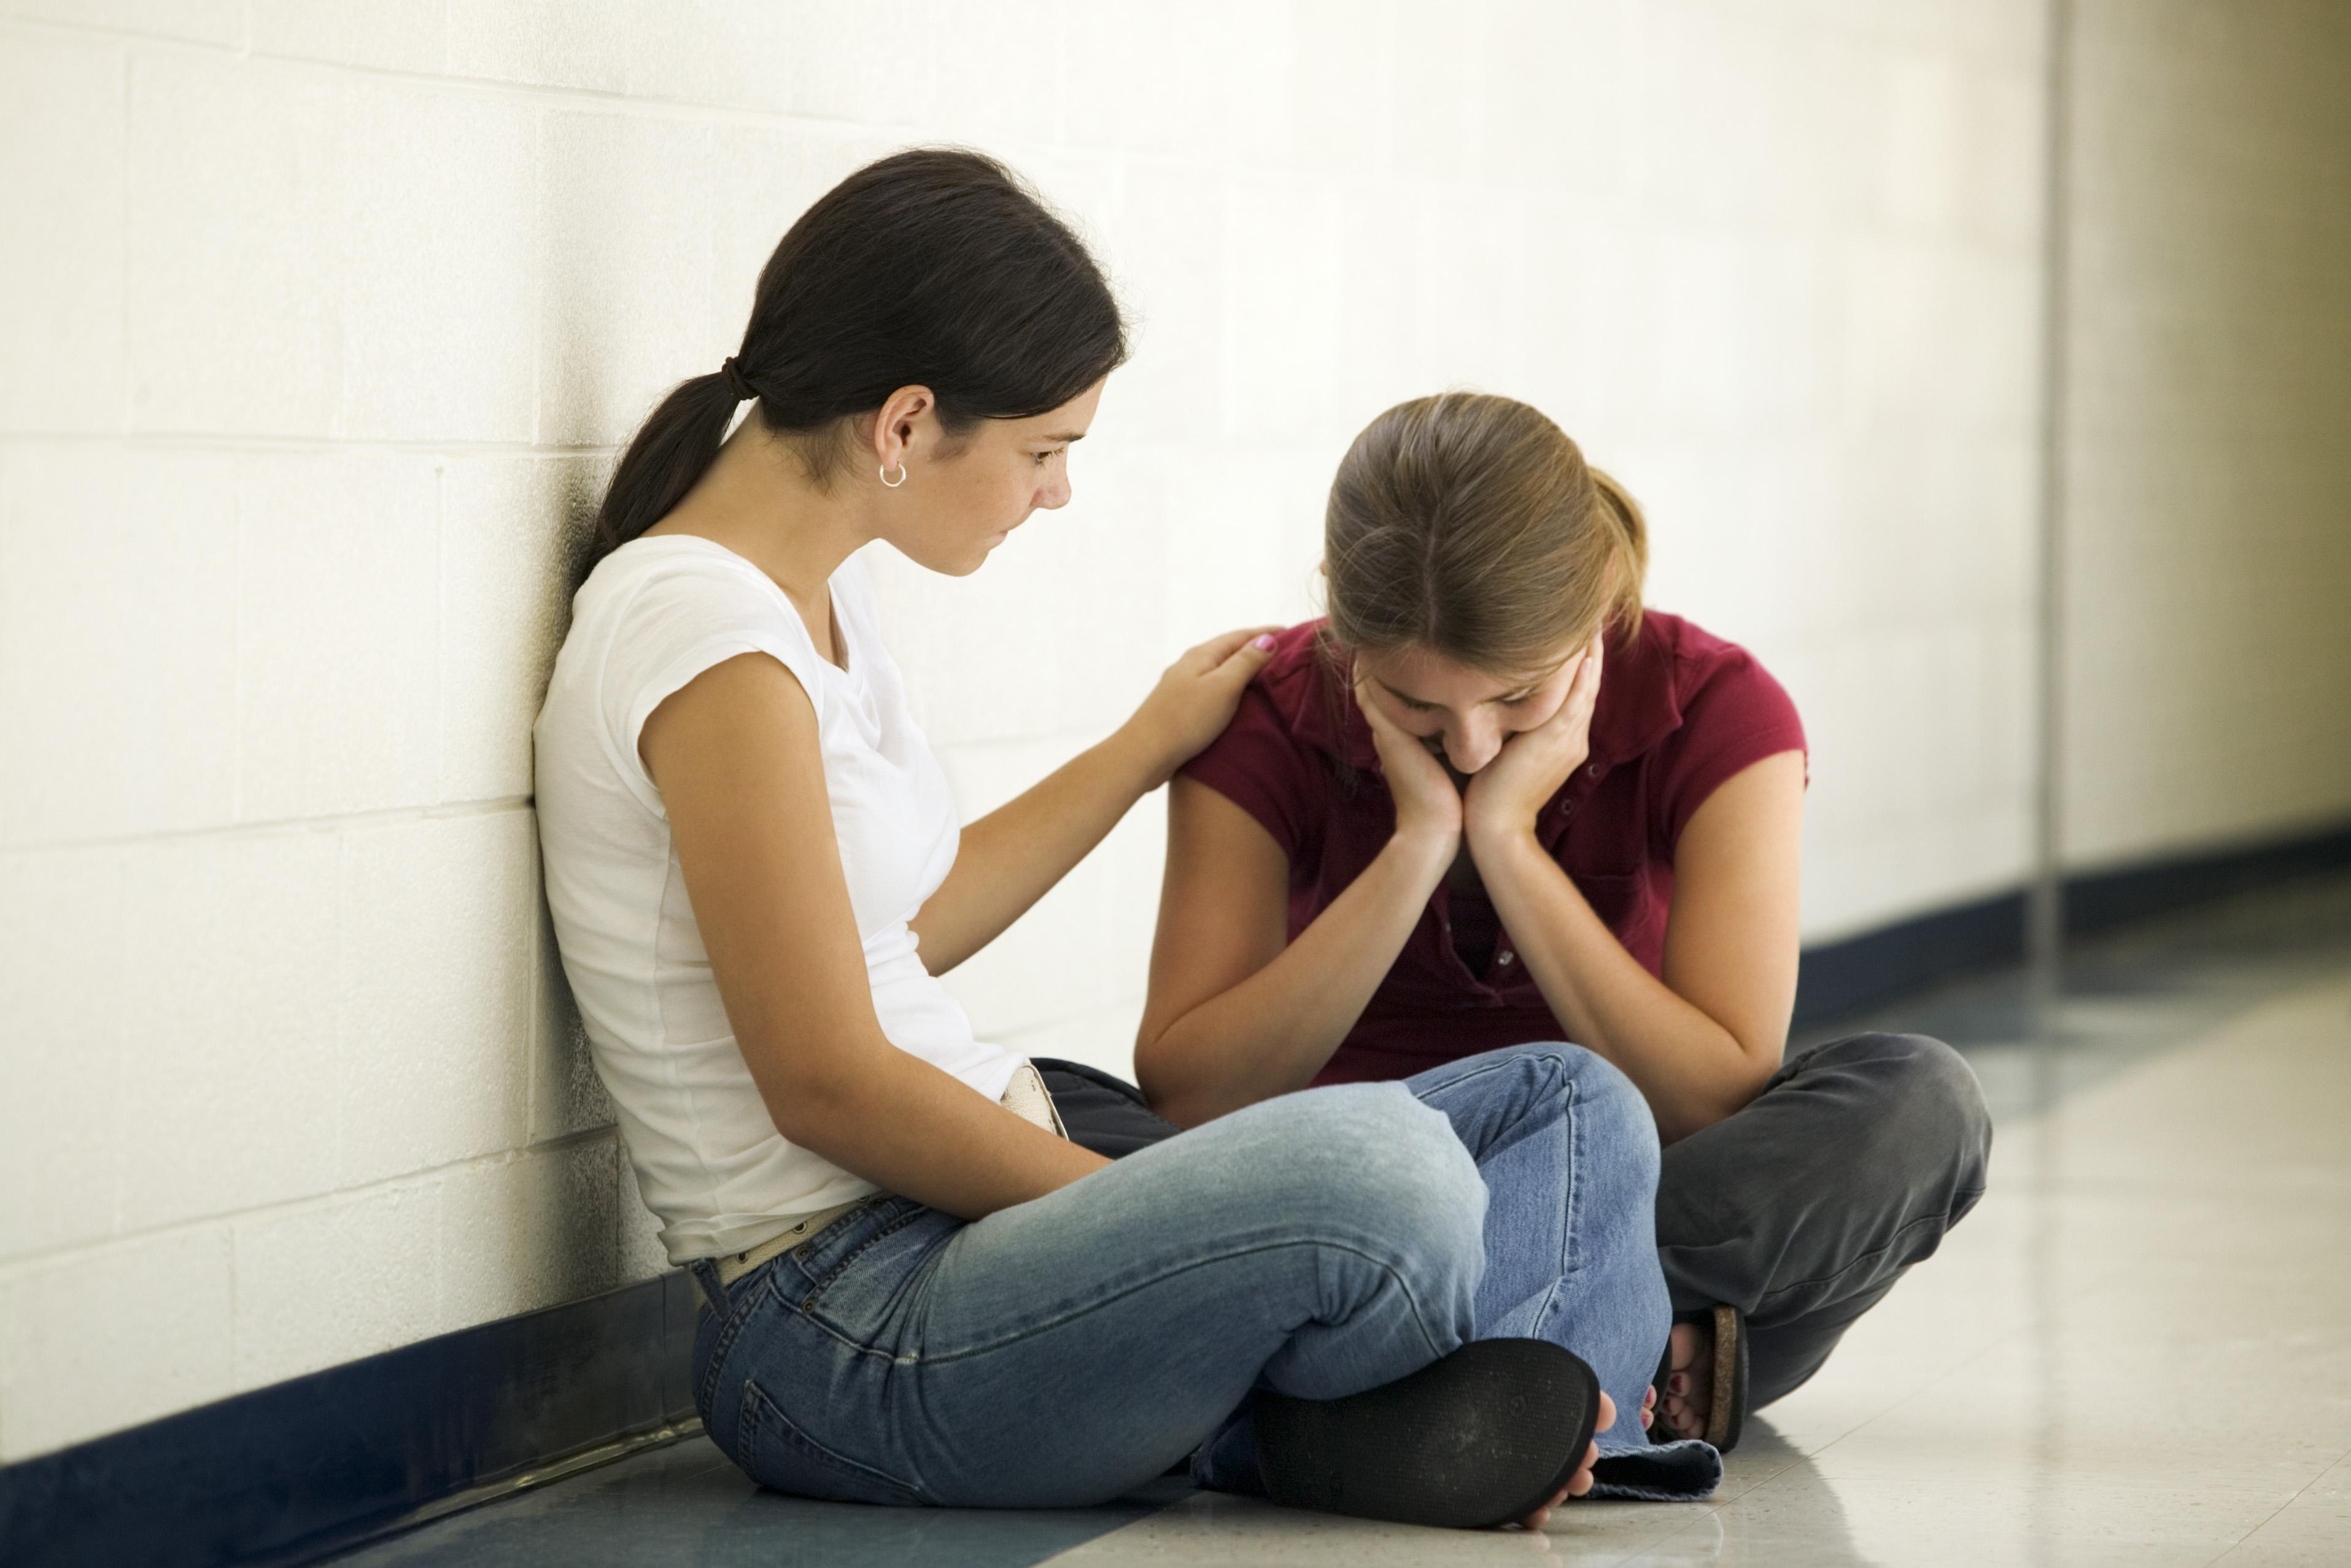 «чего ноешь» – депрессия и право на помощь | православие и мир